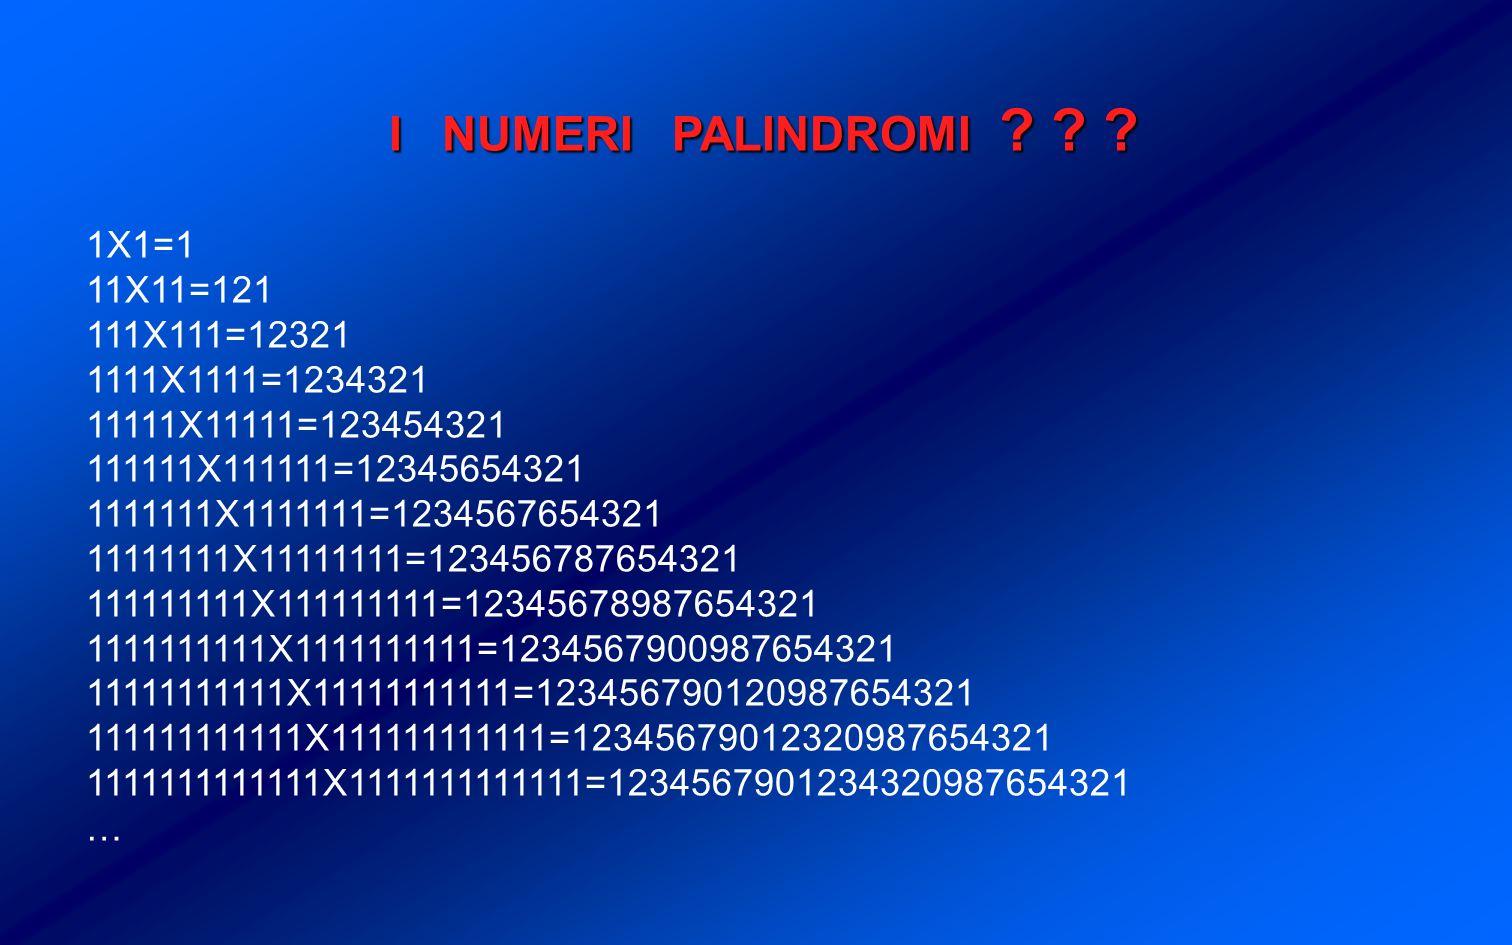 I NUMERI PALINDROMI 1X1=1 11X11=121 111X111=12321